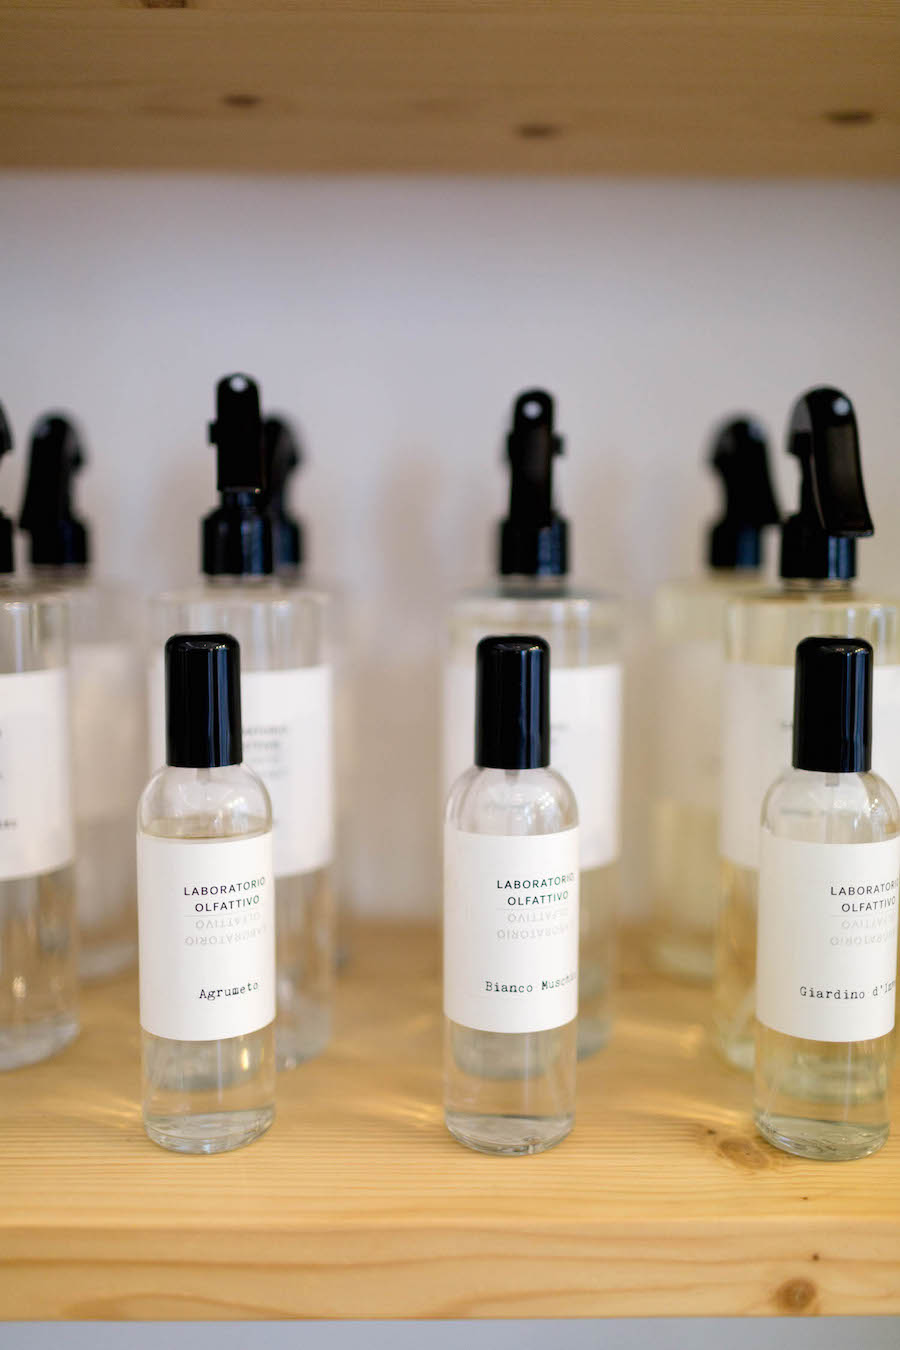 Algunos productos de la perfumería nicho de Hunky Dory Laboratory